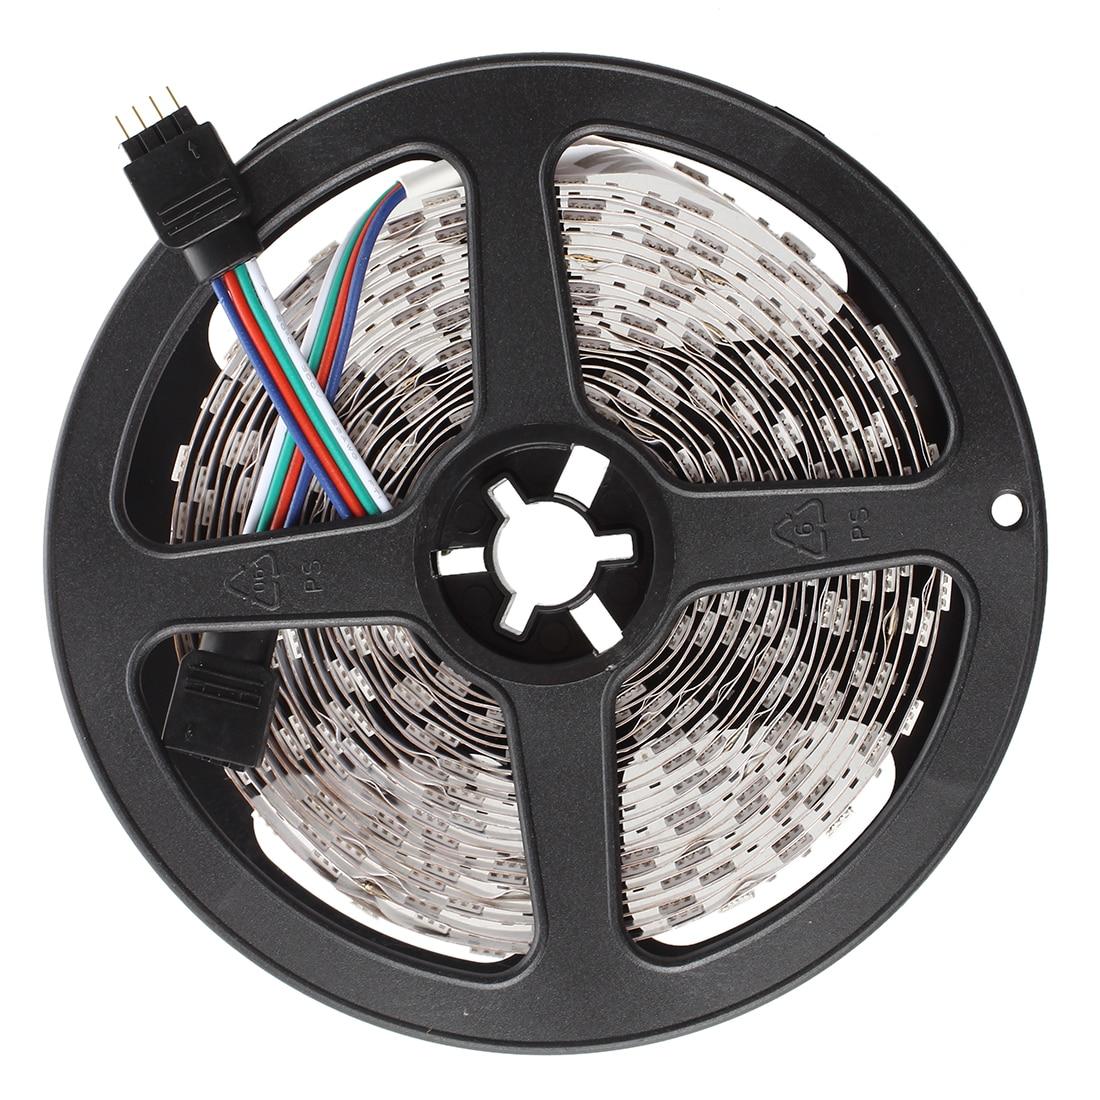 5 м 5050 SMD 300 RGB светодиодный полосы света лампы 12 В DC декор + мини 24 клавиши контроллер